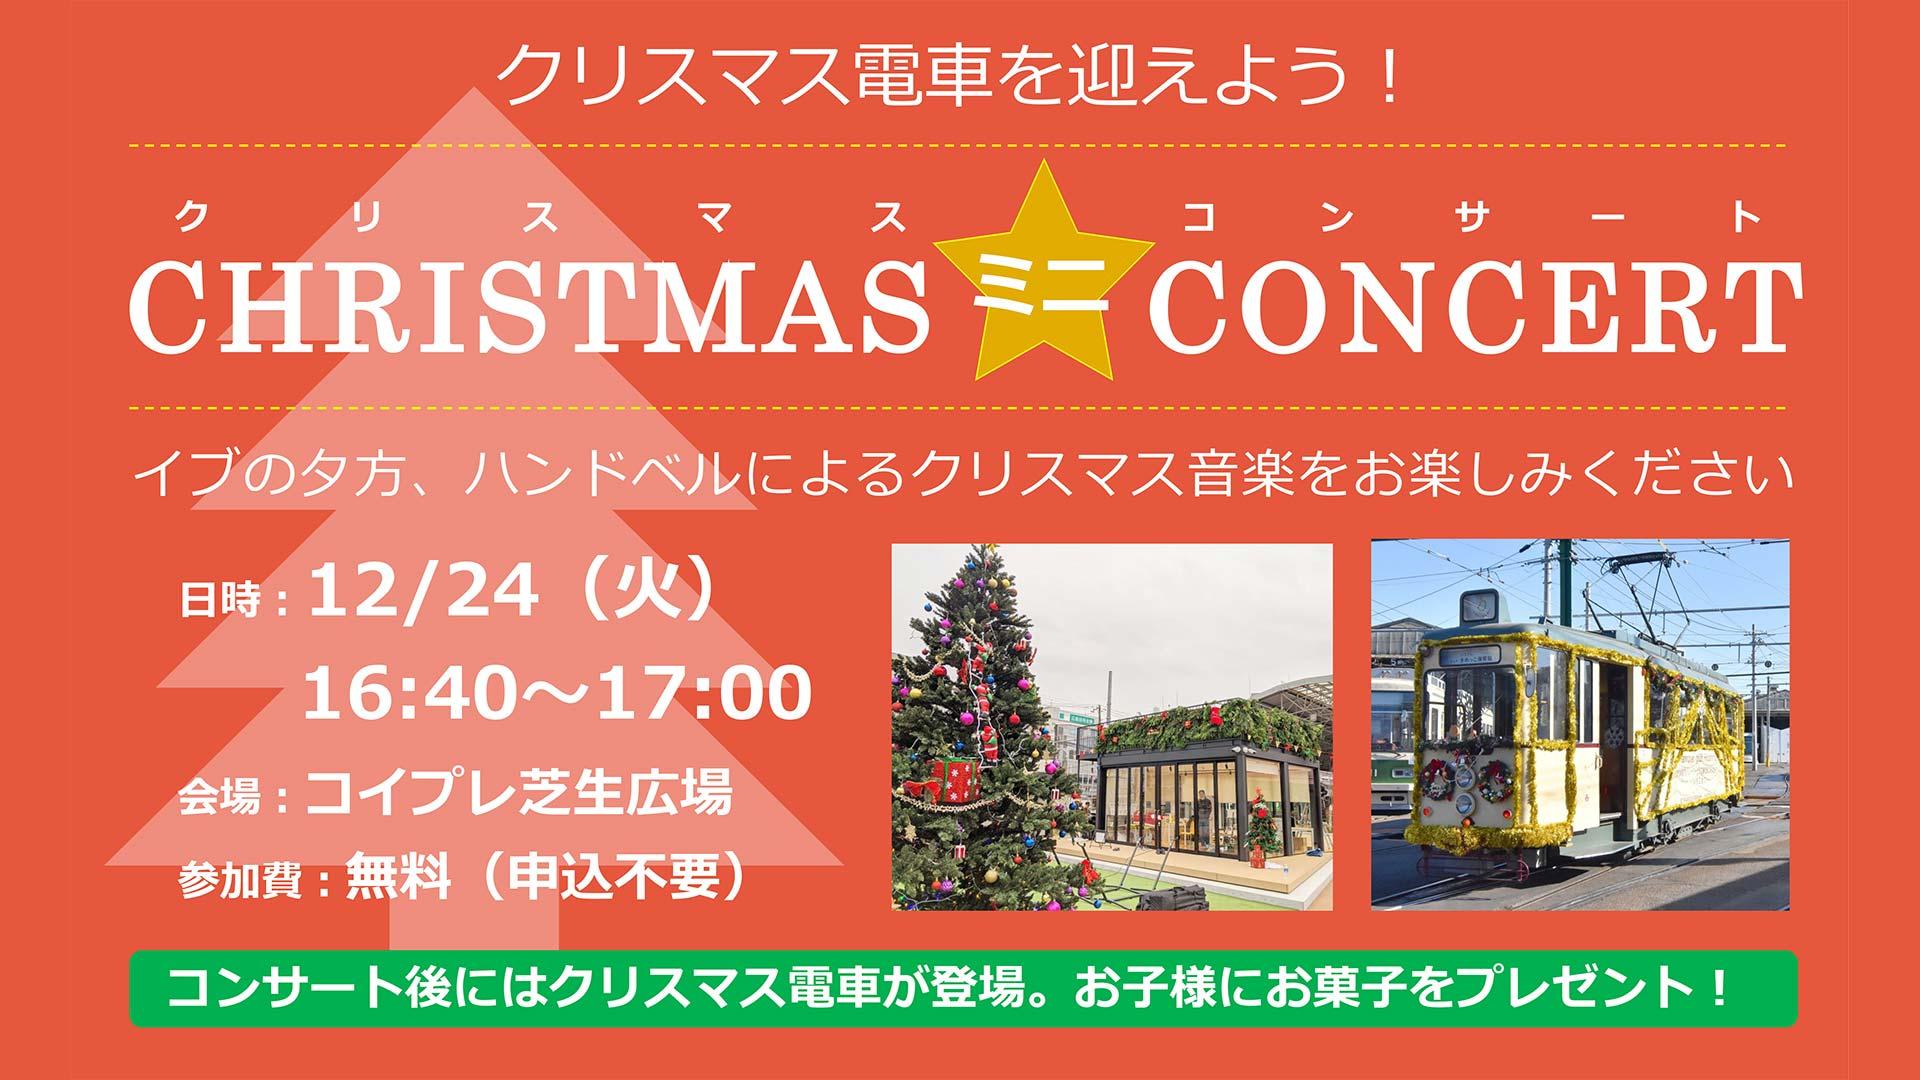 クリスマス電車を迎えよう!ミニコンサート